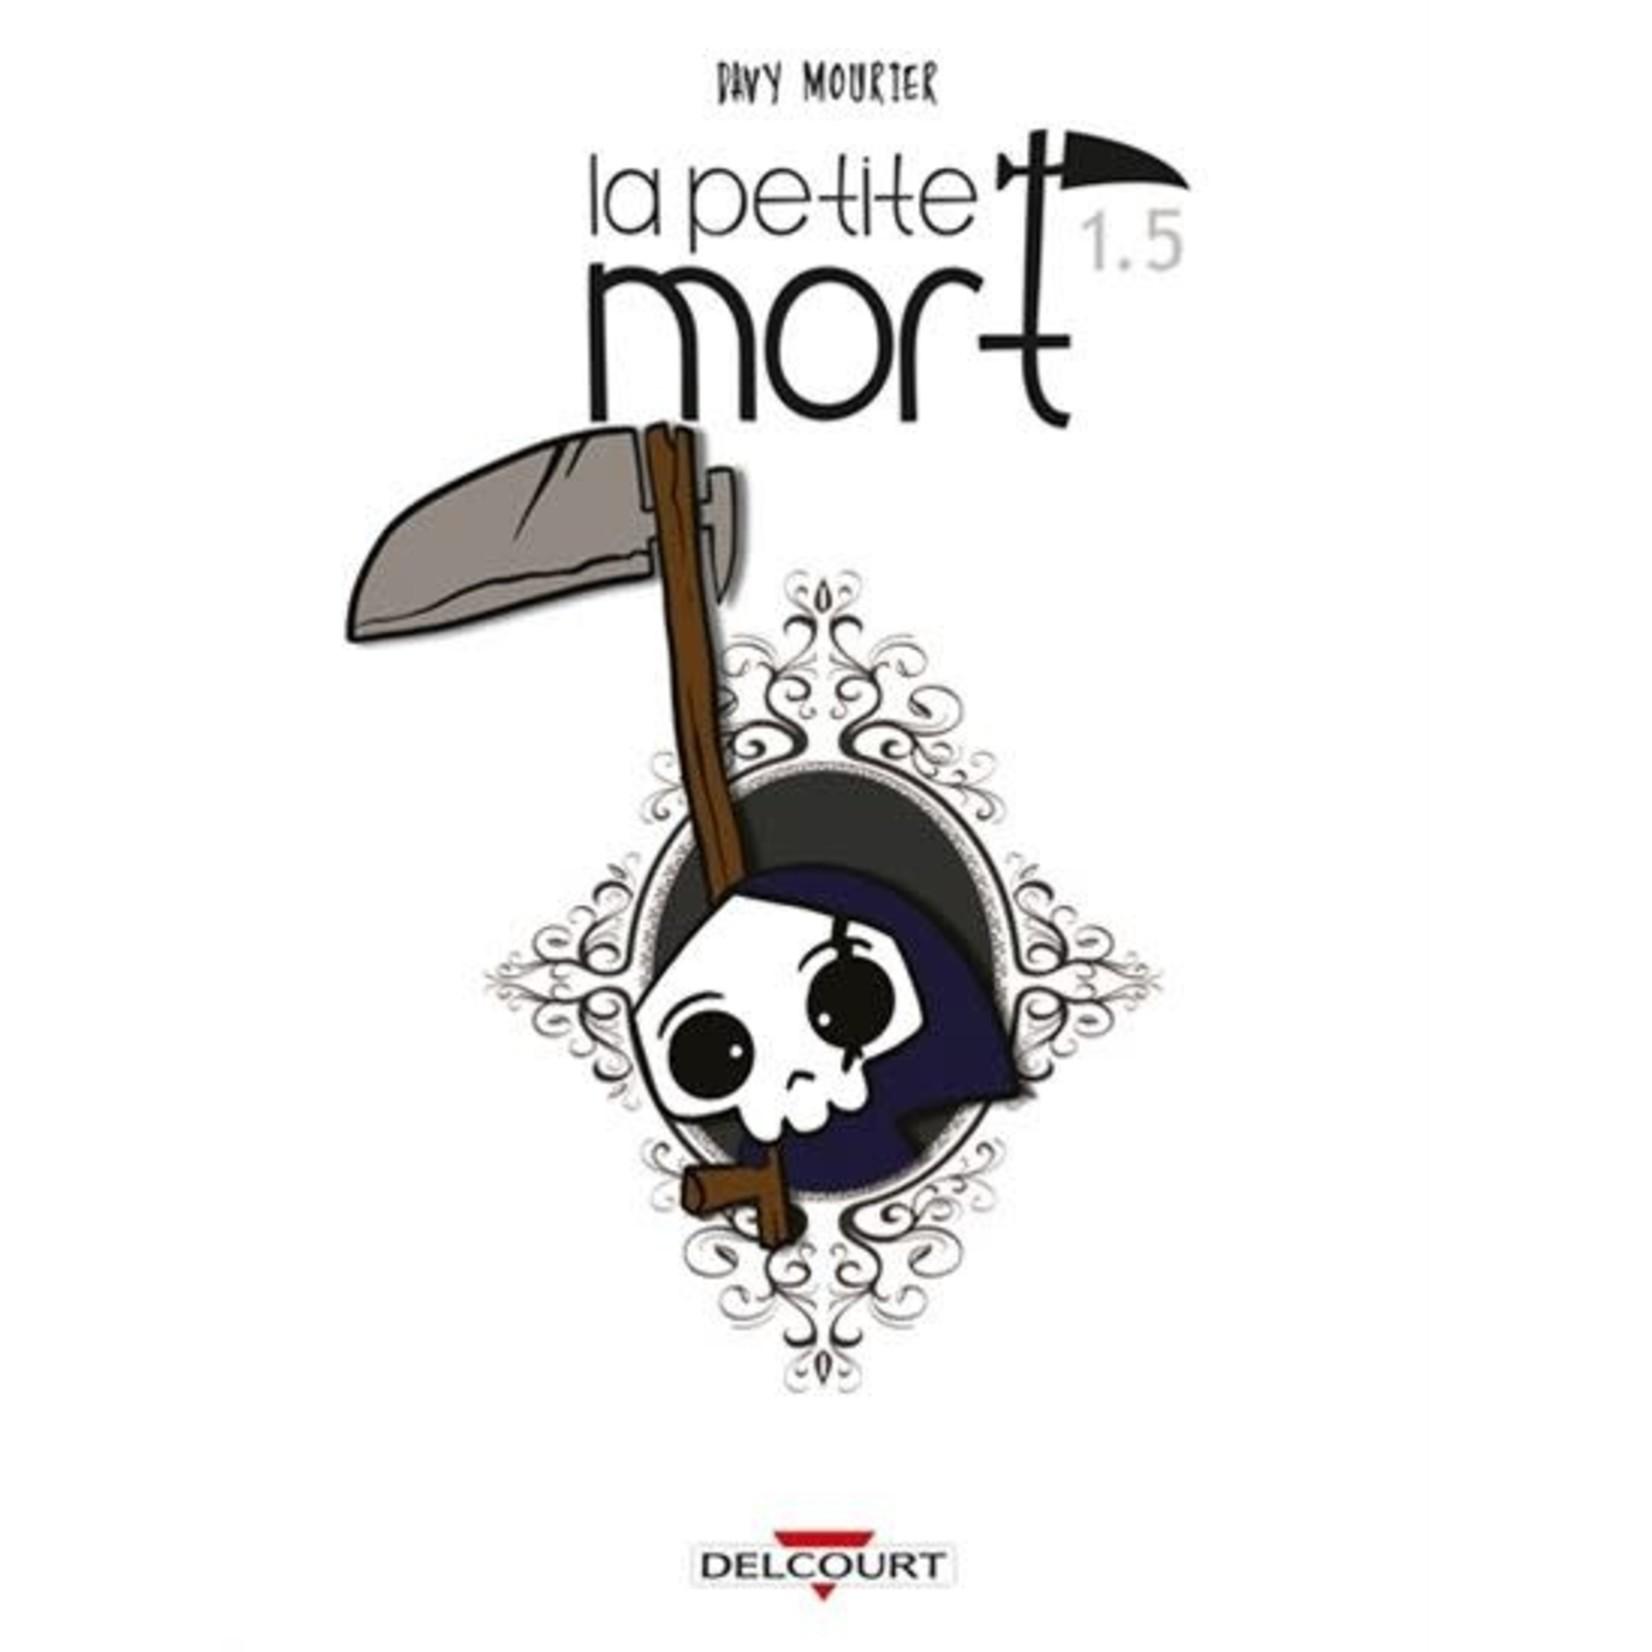 0-Delcourt La Petite Mort T1.5